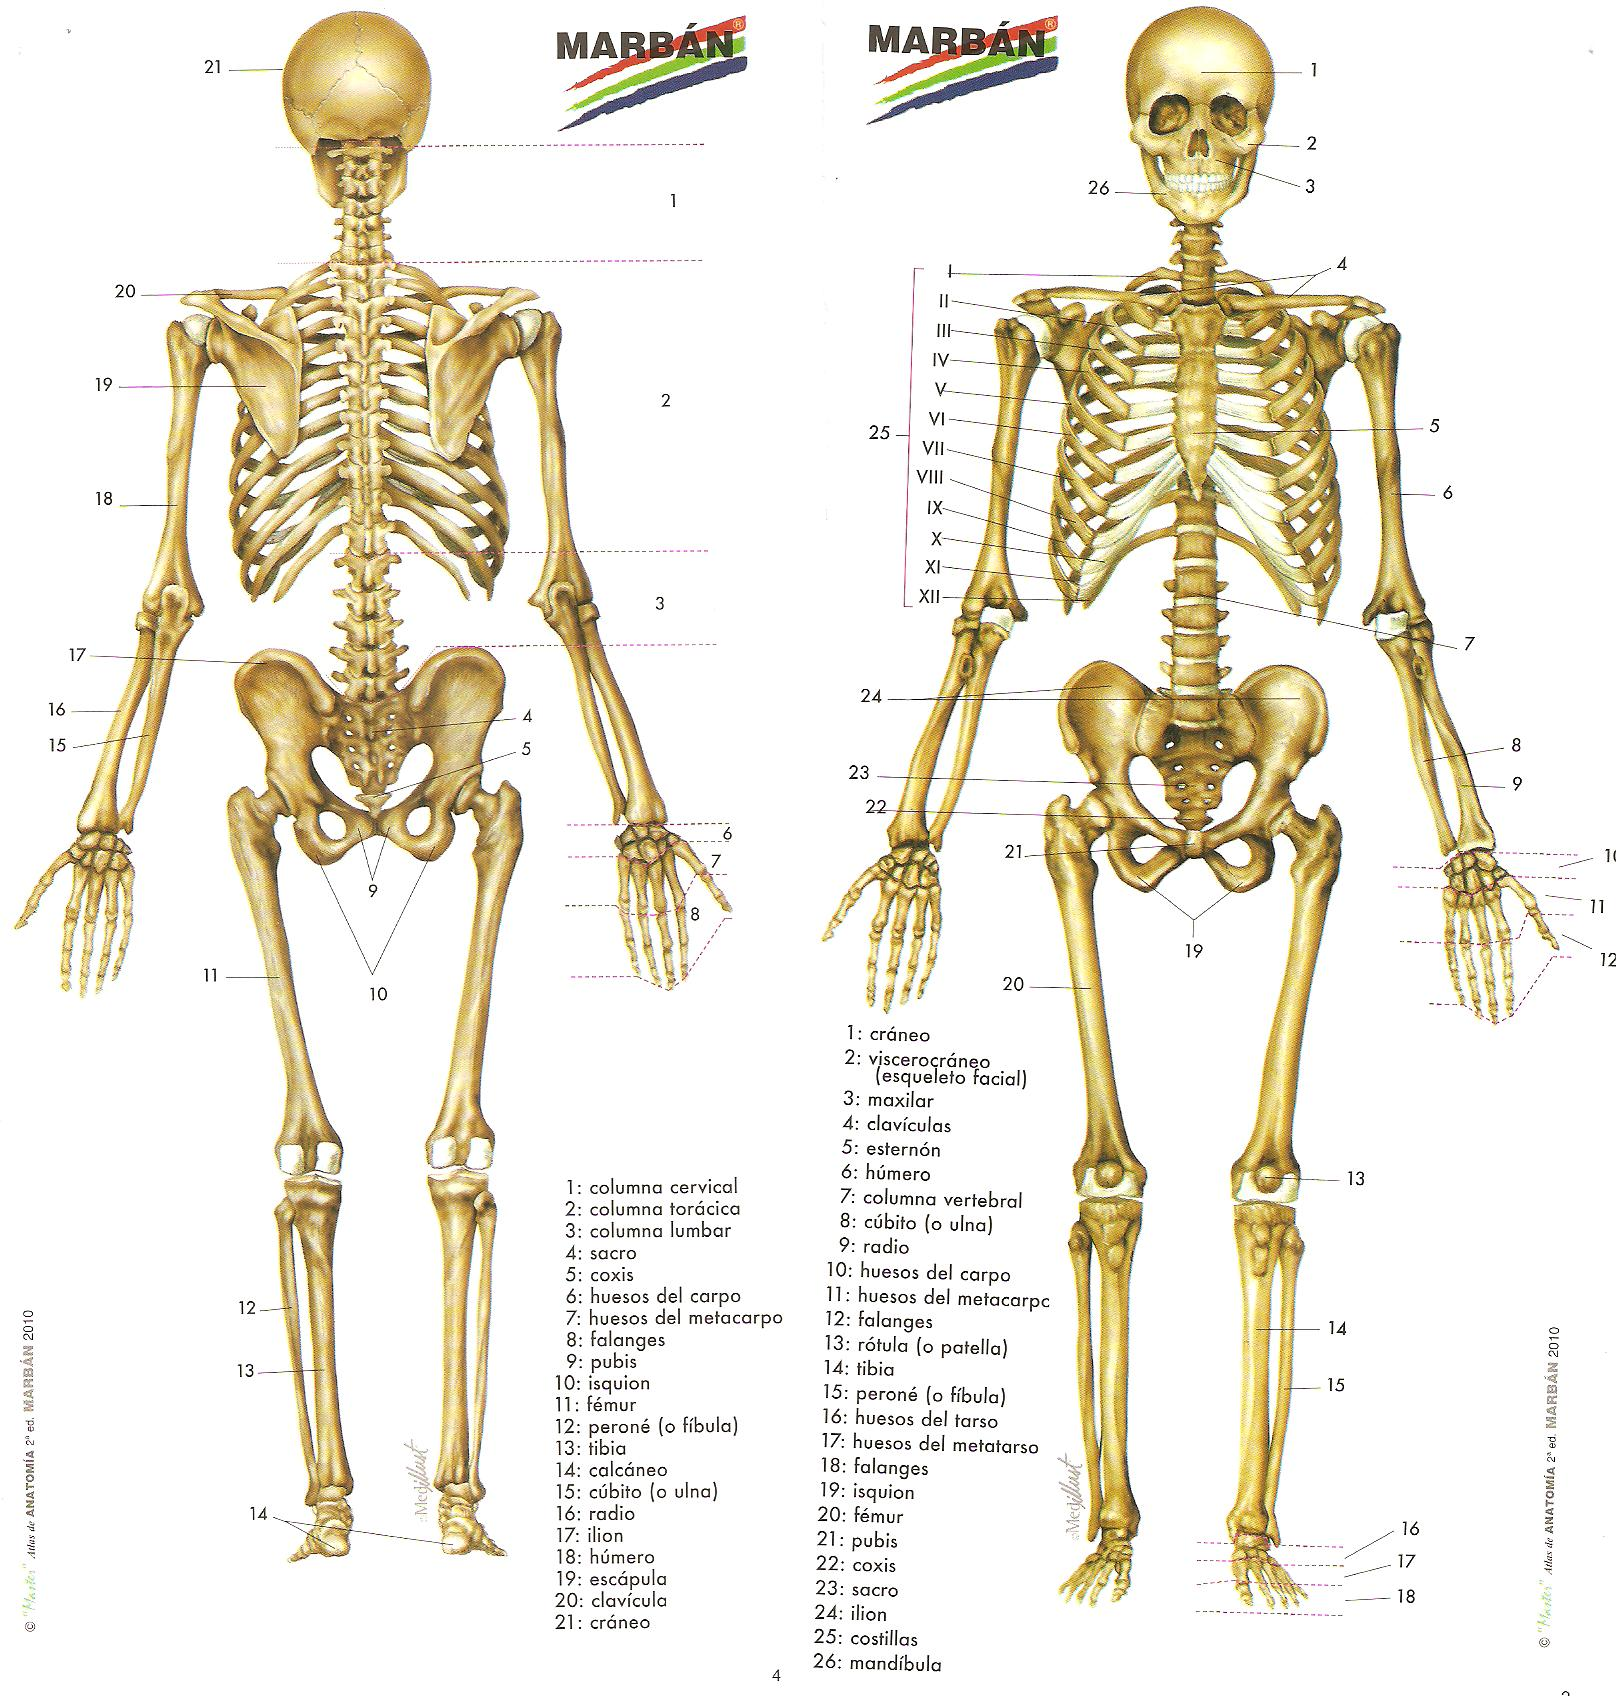 10 datos curiosos sobre el cuerpo humano | Taringa!